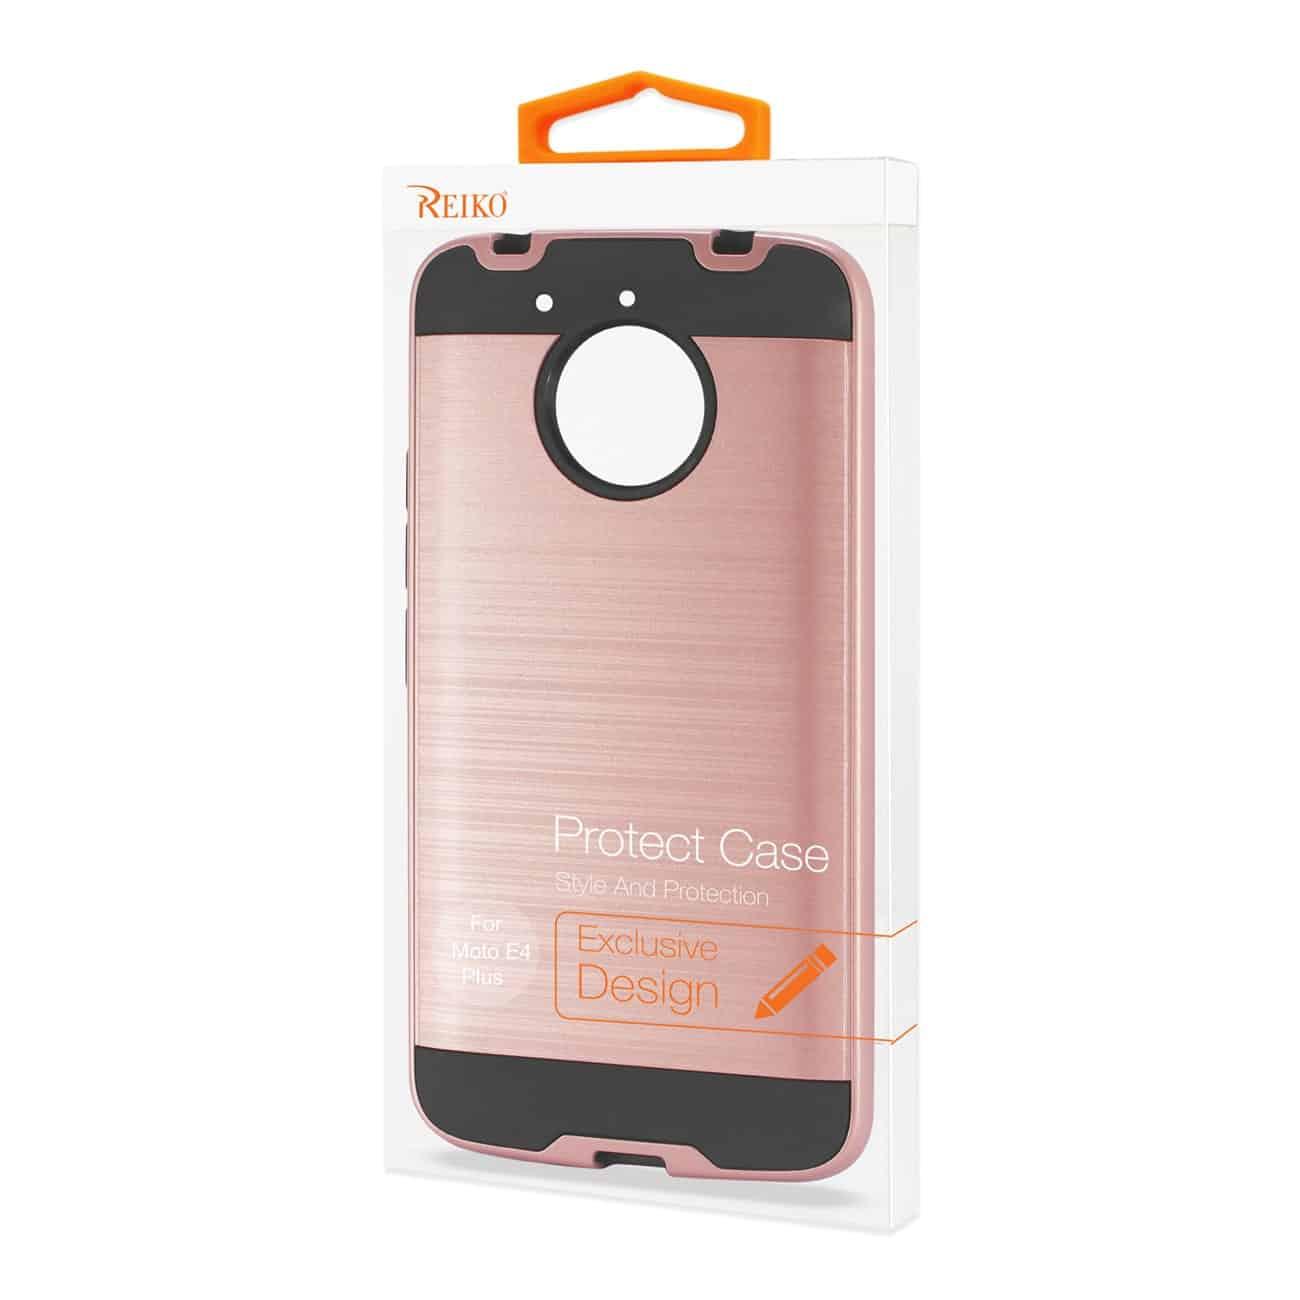 Motorola Moto E4 Plus Hybrid Metal Brushed Texture Case In Rose Gold